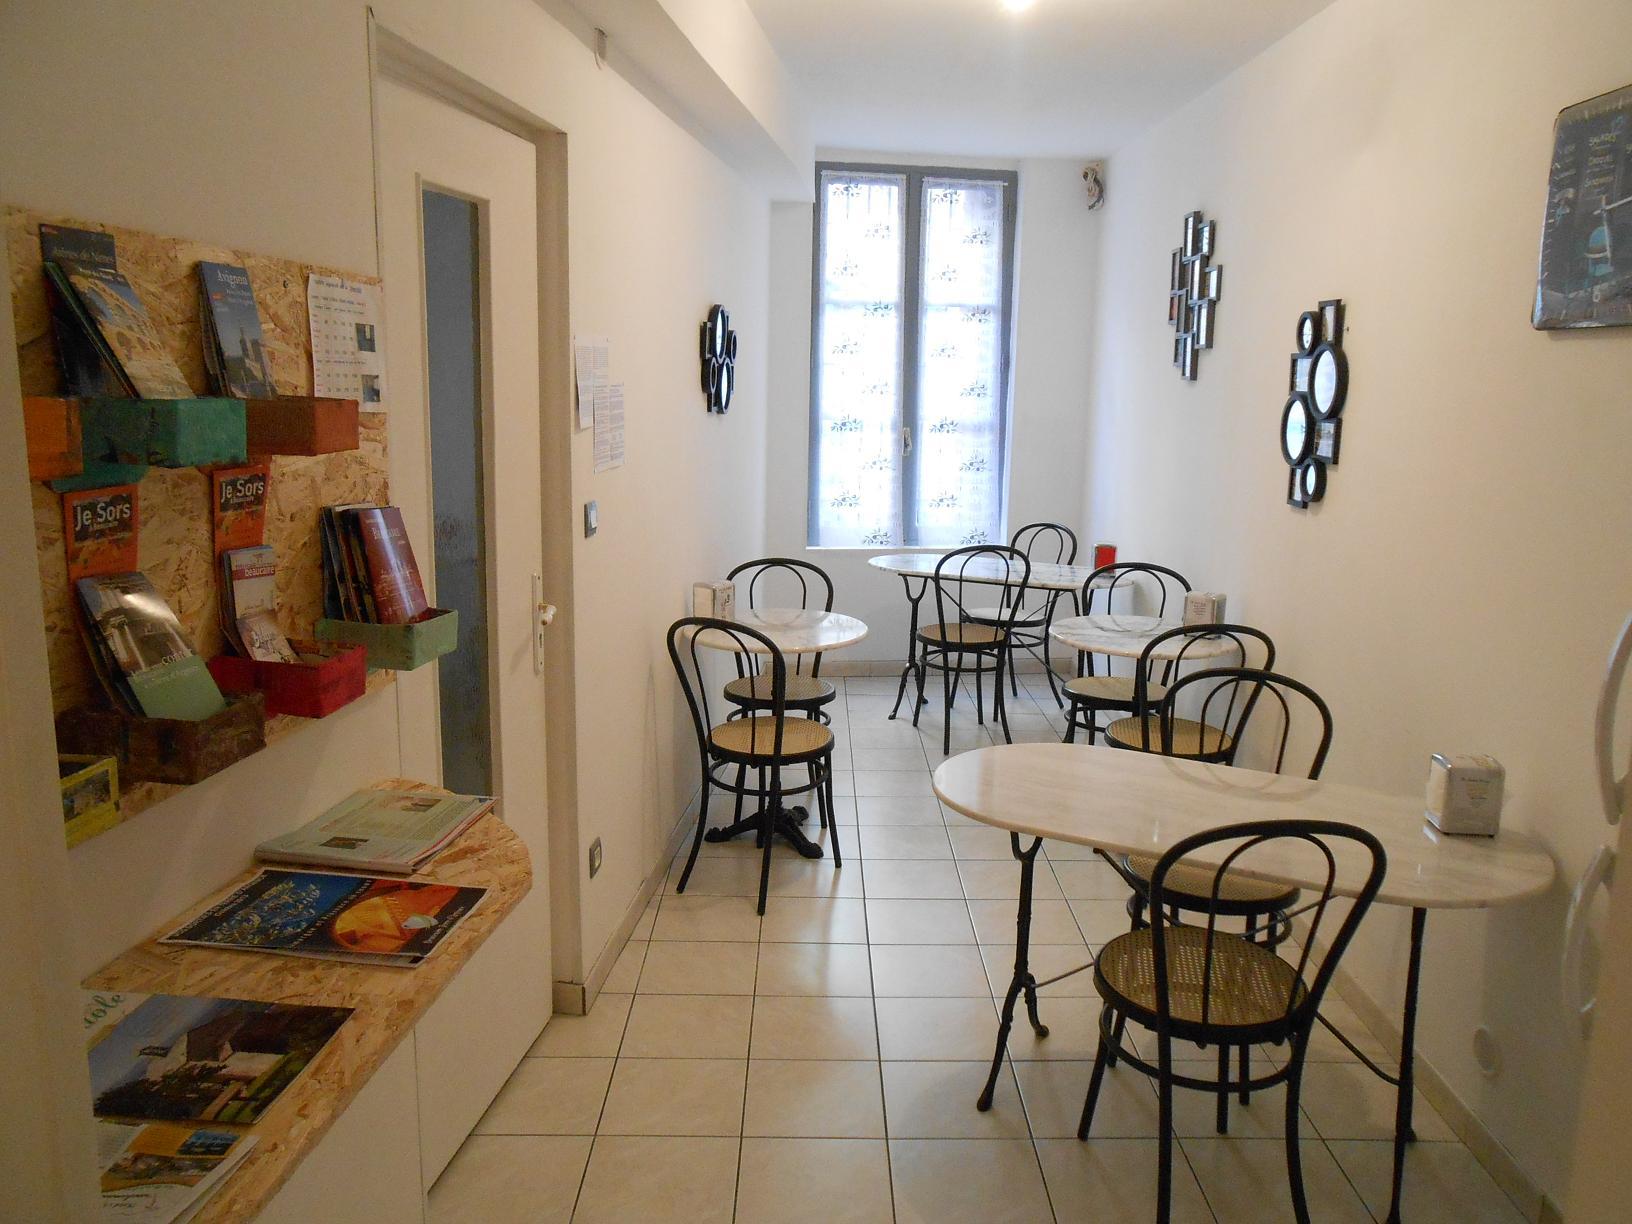 18b0a39f0c6 ... Salle petit dejeuner Beaucaire Tarascon La Maison d Olivier